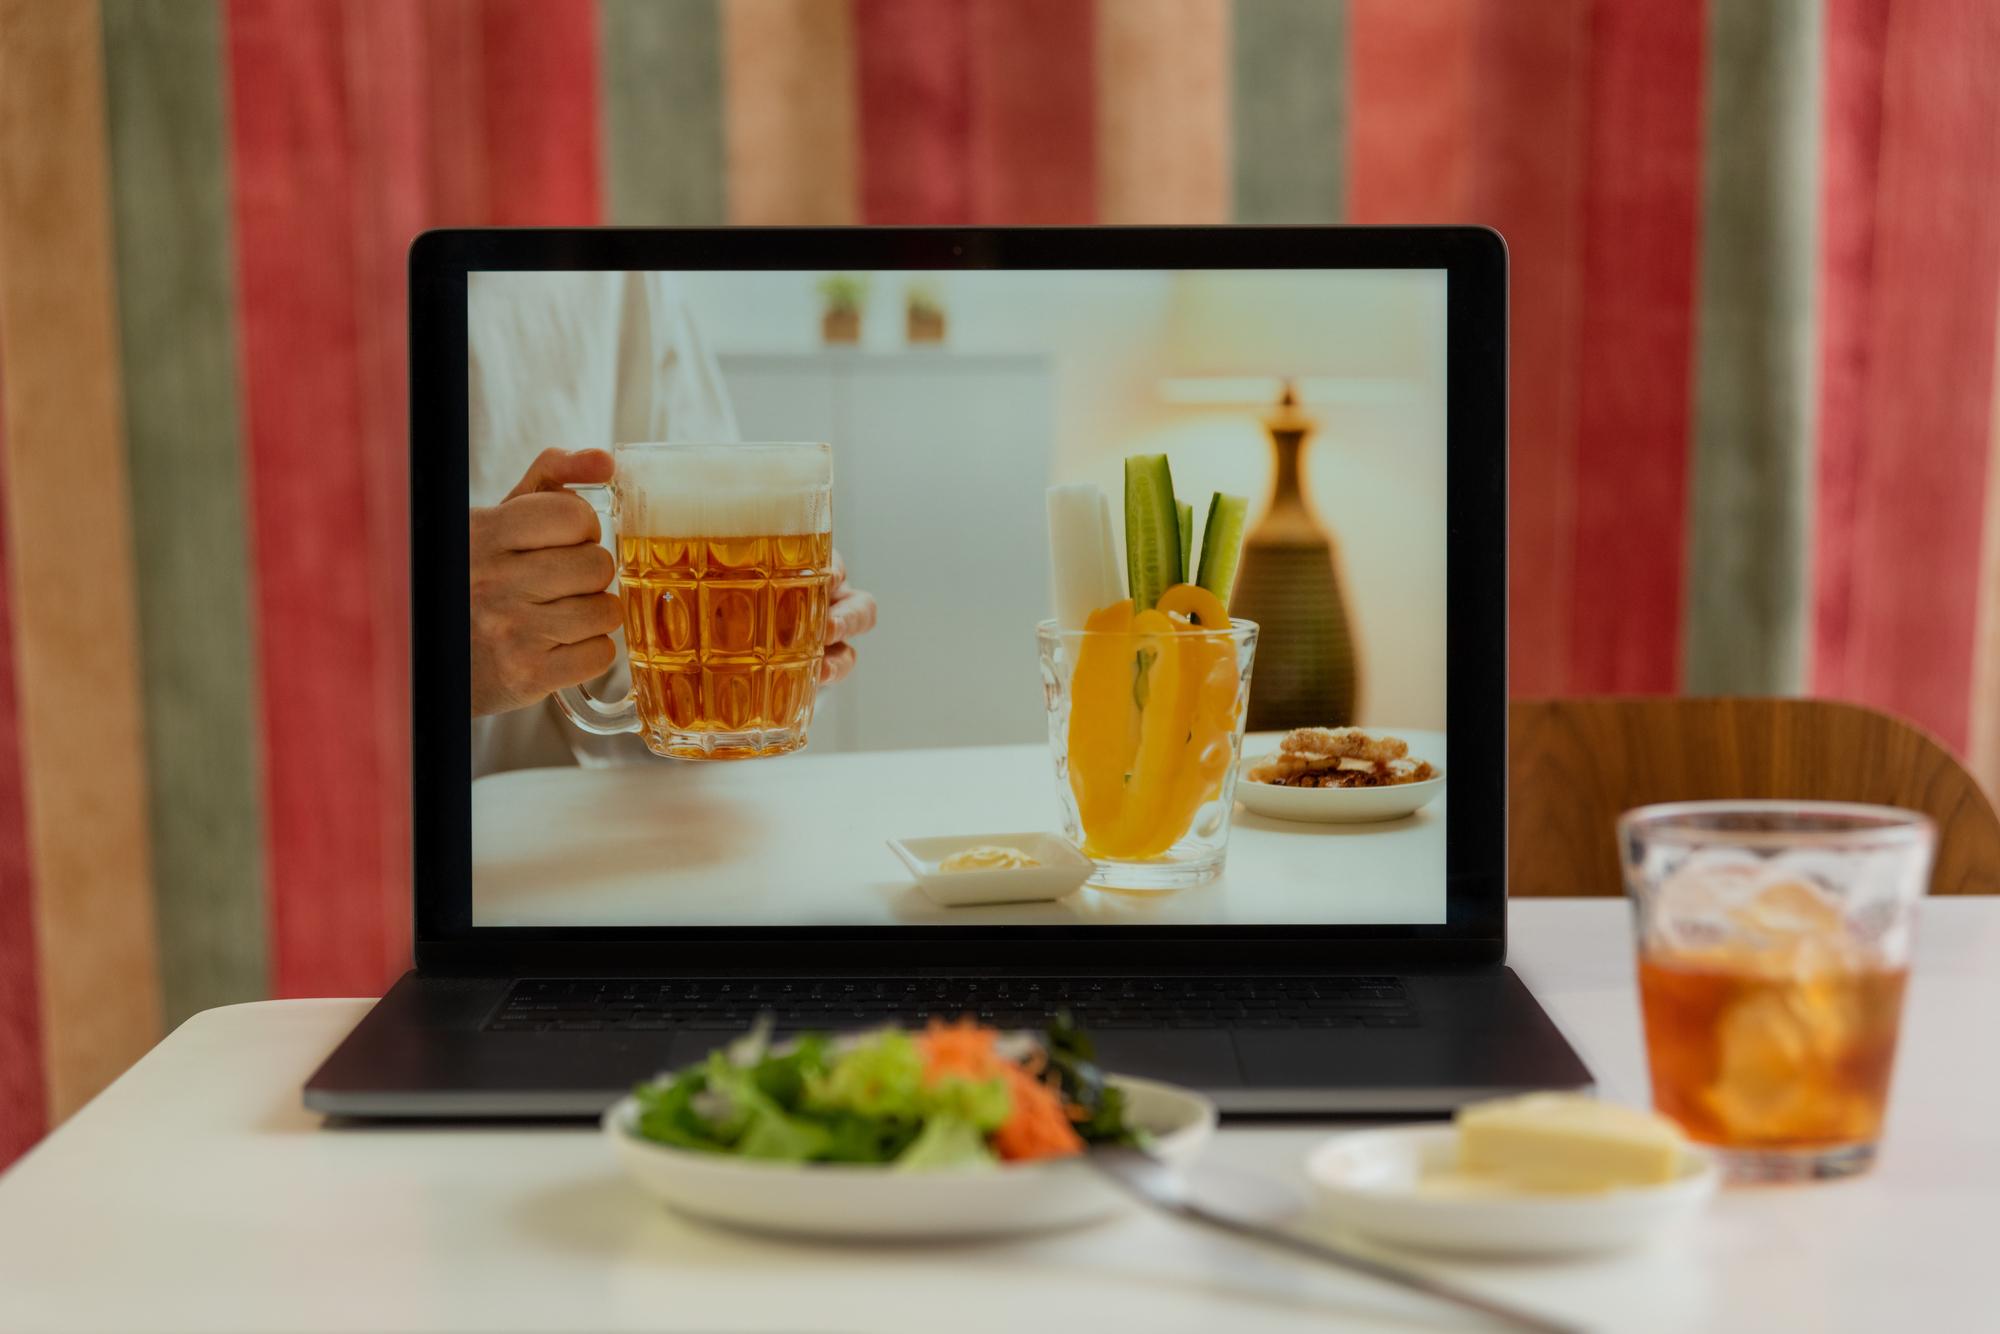 おつまみに困ったら!手作り〜デリバリーまで、オンライン飲み会におすすめのおつまみ6選|TIME SHARING|タイムシェアリング|スペースマネジメント|あどばる|adval|SHARING